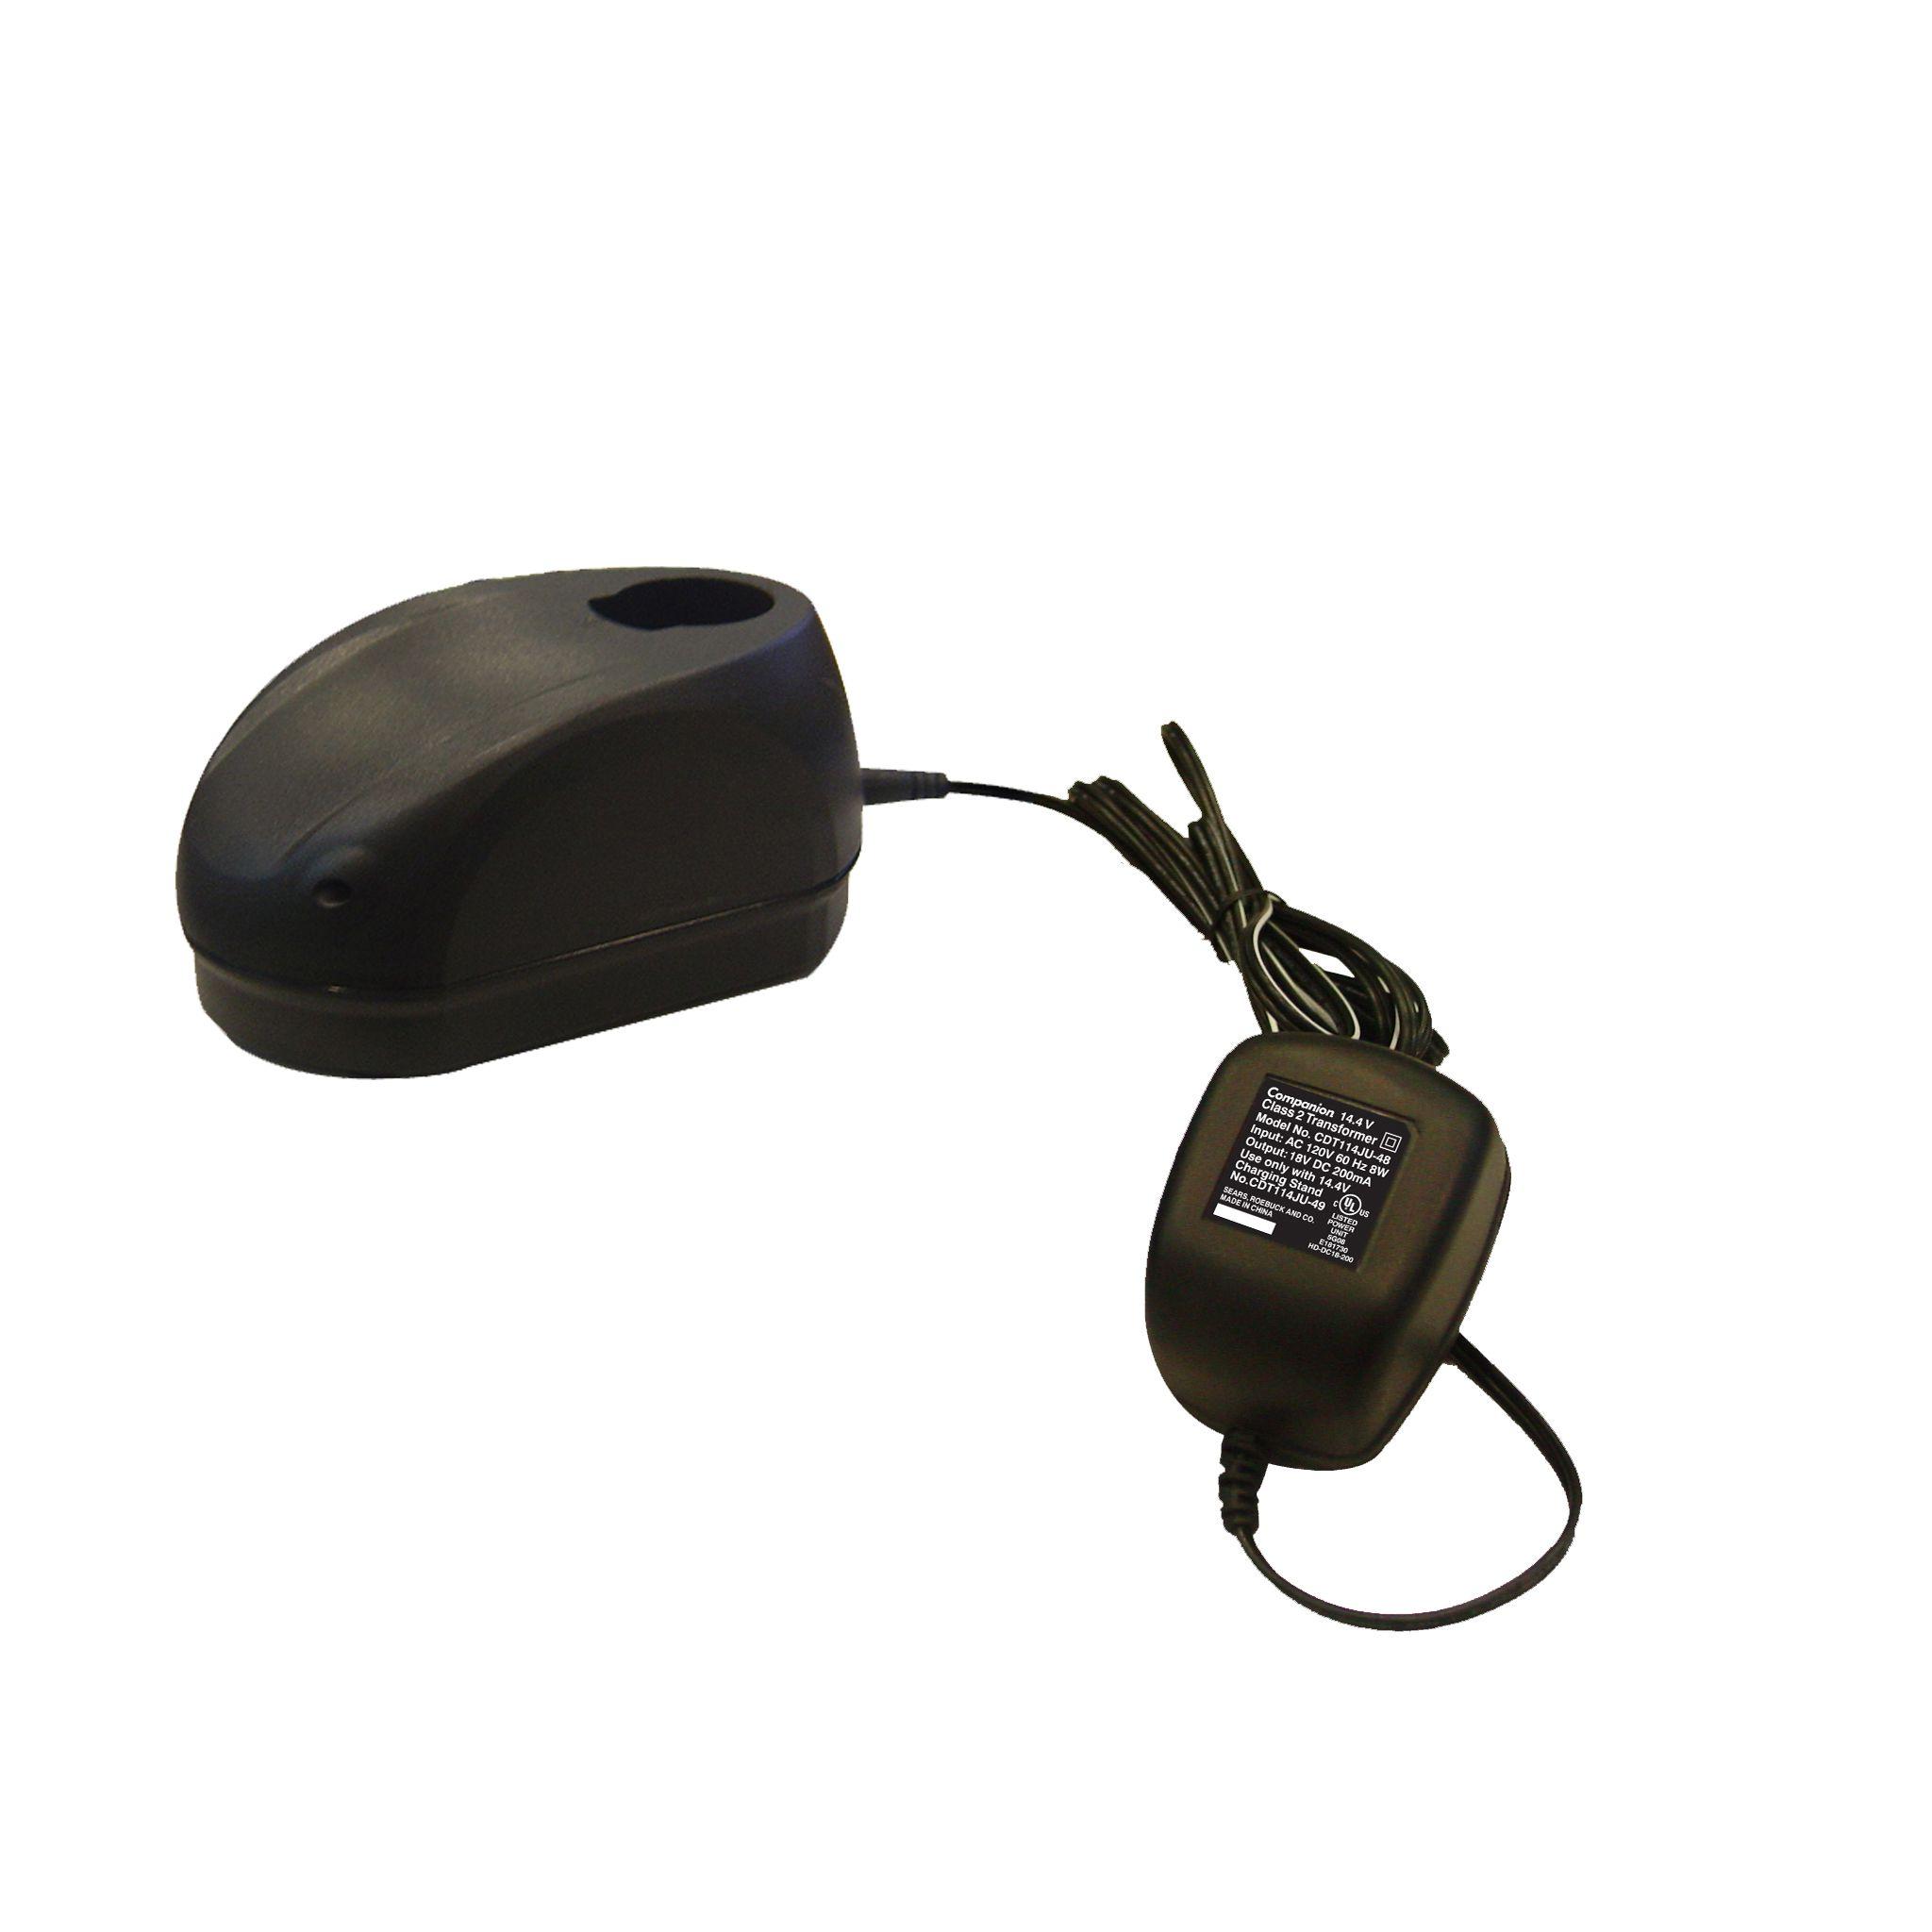 Companion 14.4 volt Cordless Drill/Driver